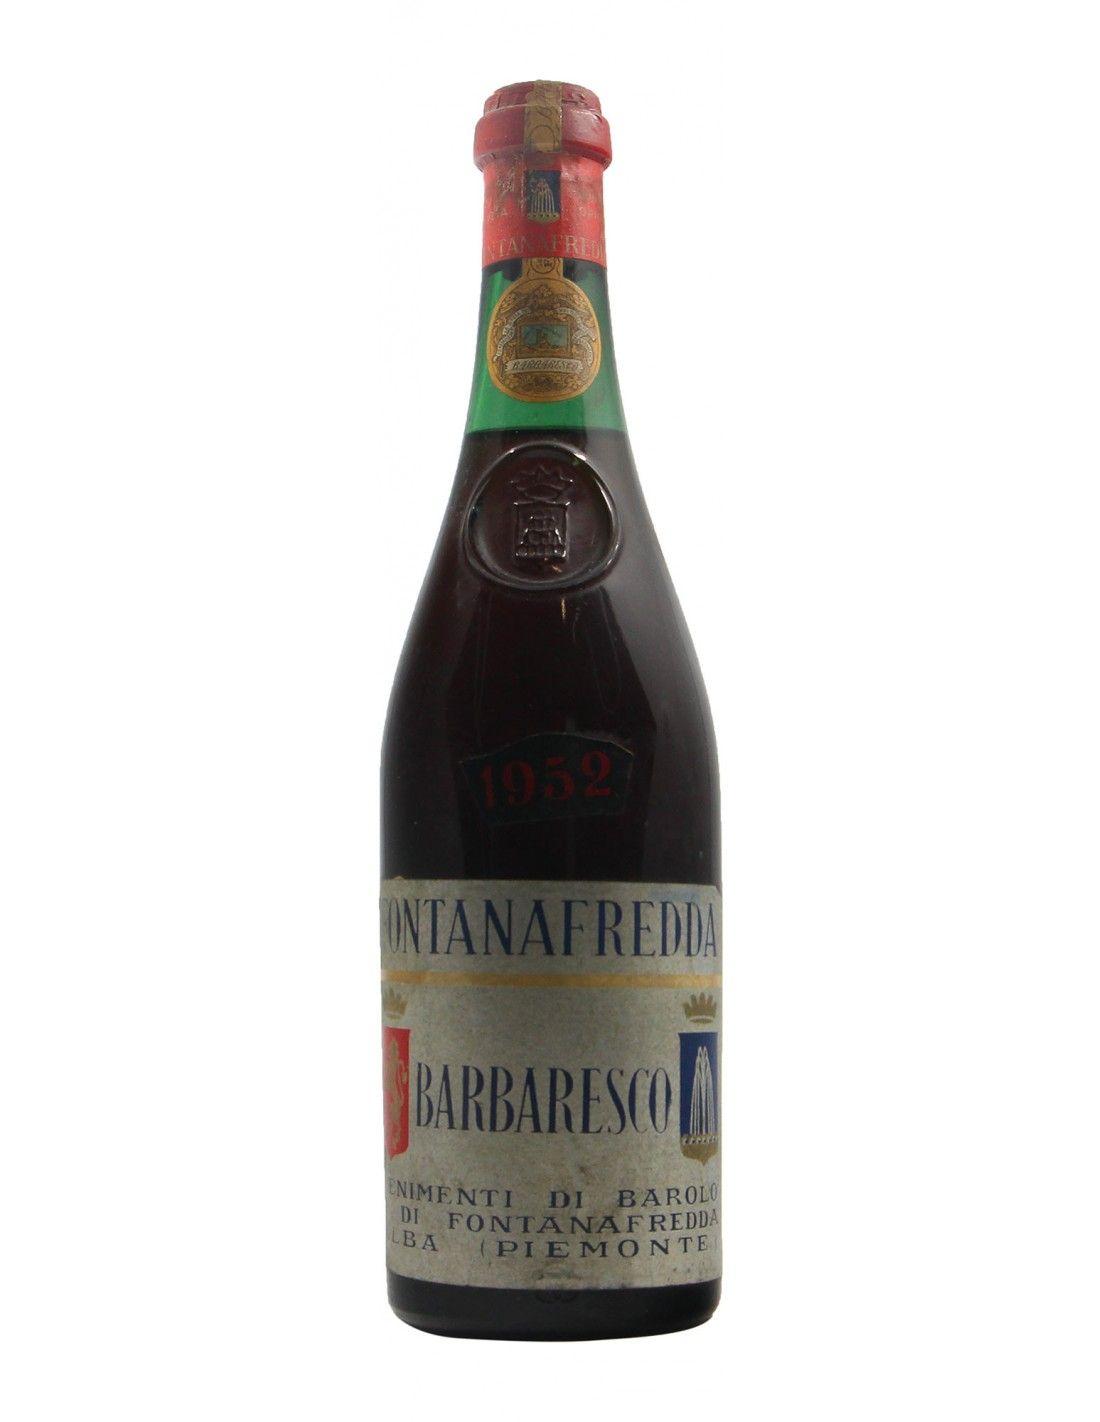 Barbaresco 1952 FONTANAFREDDA GRANDI BOTTIGLIE